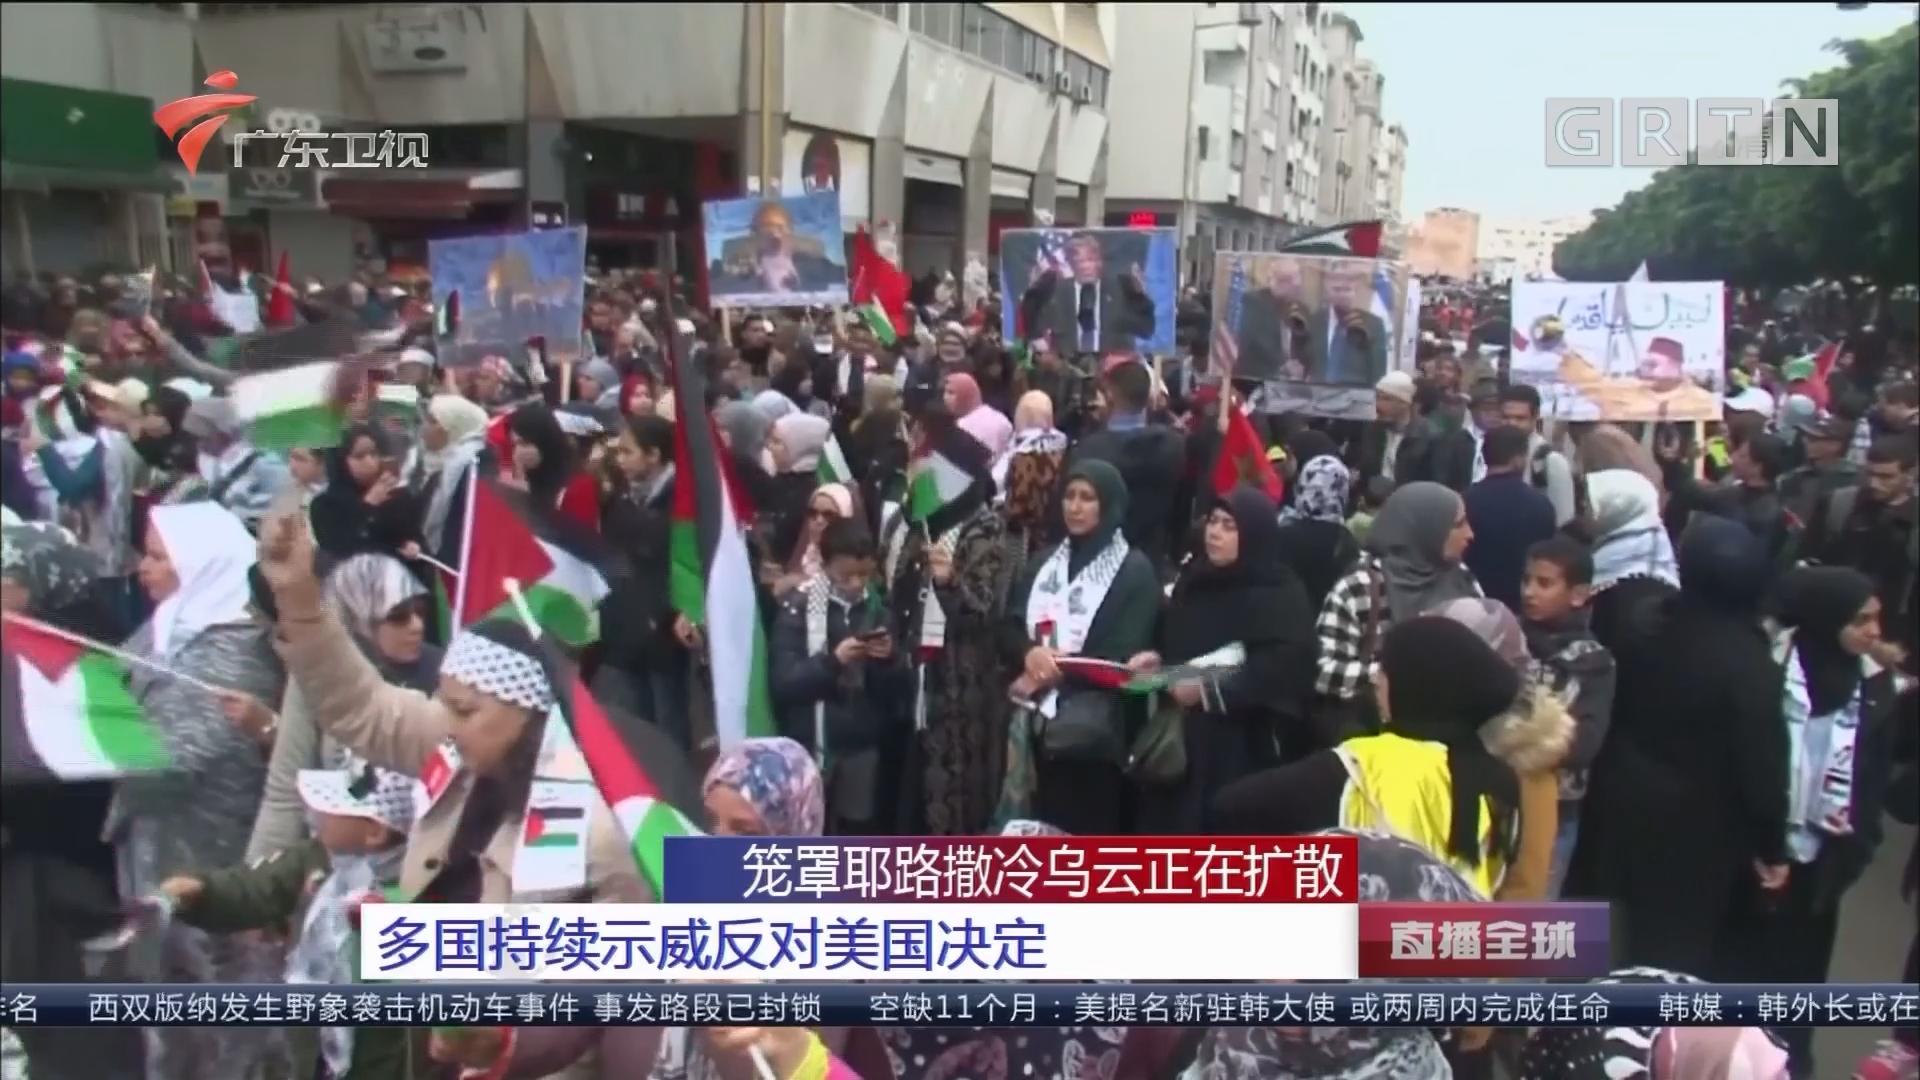 笼罩耶路撒冷乌云正在扩散:多国持续示威反对美国决定